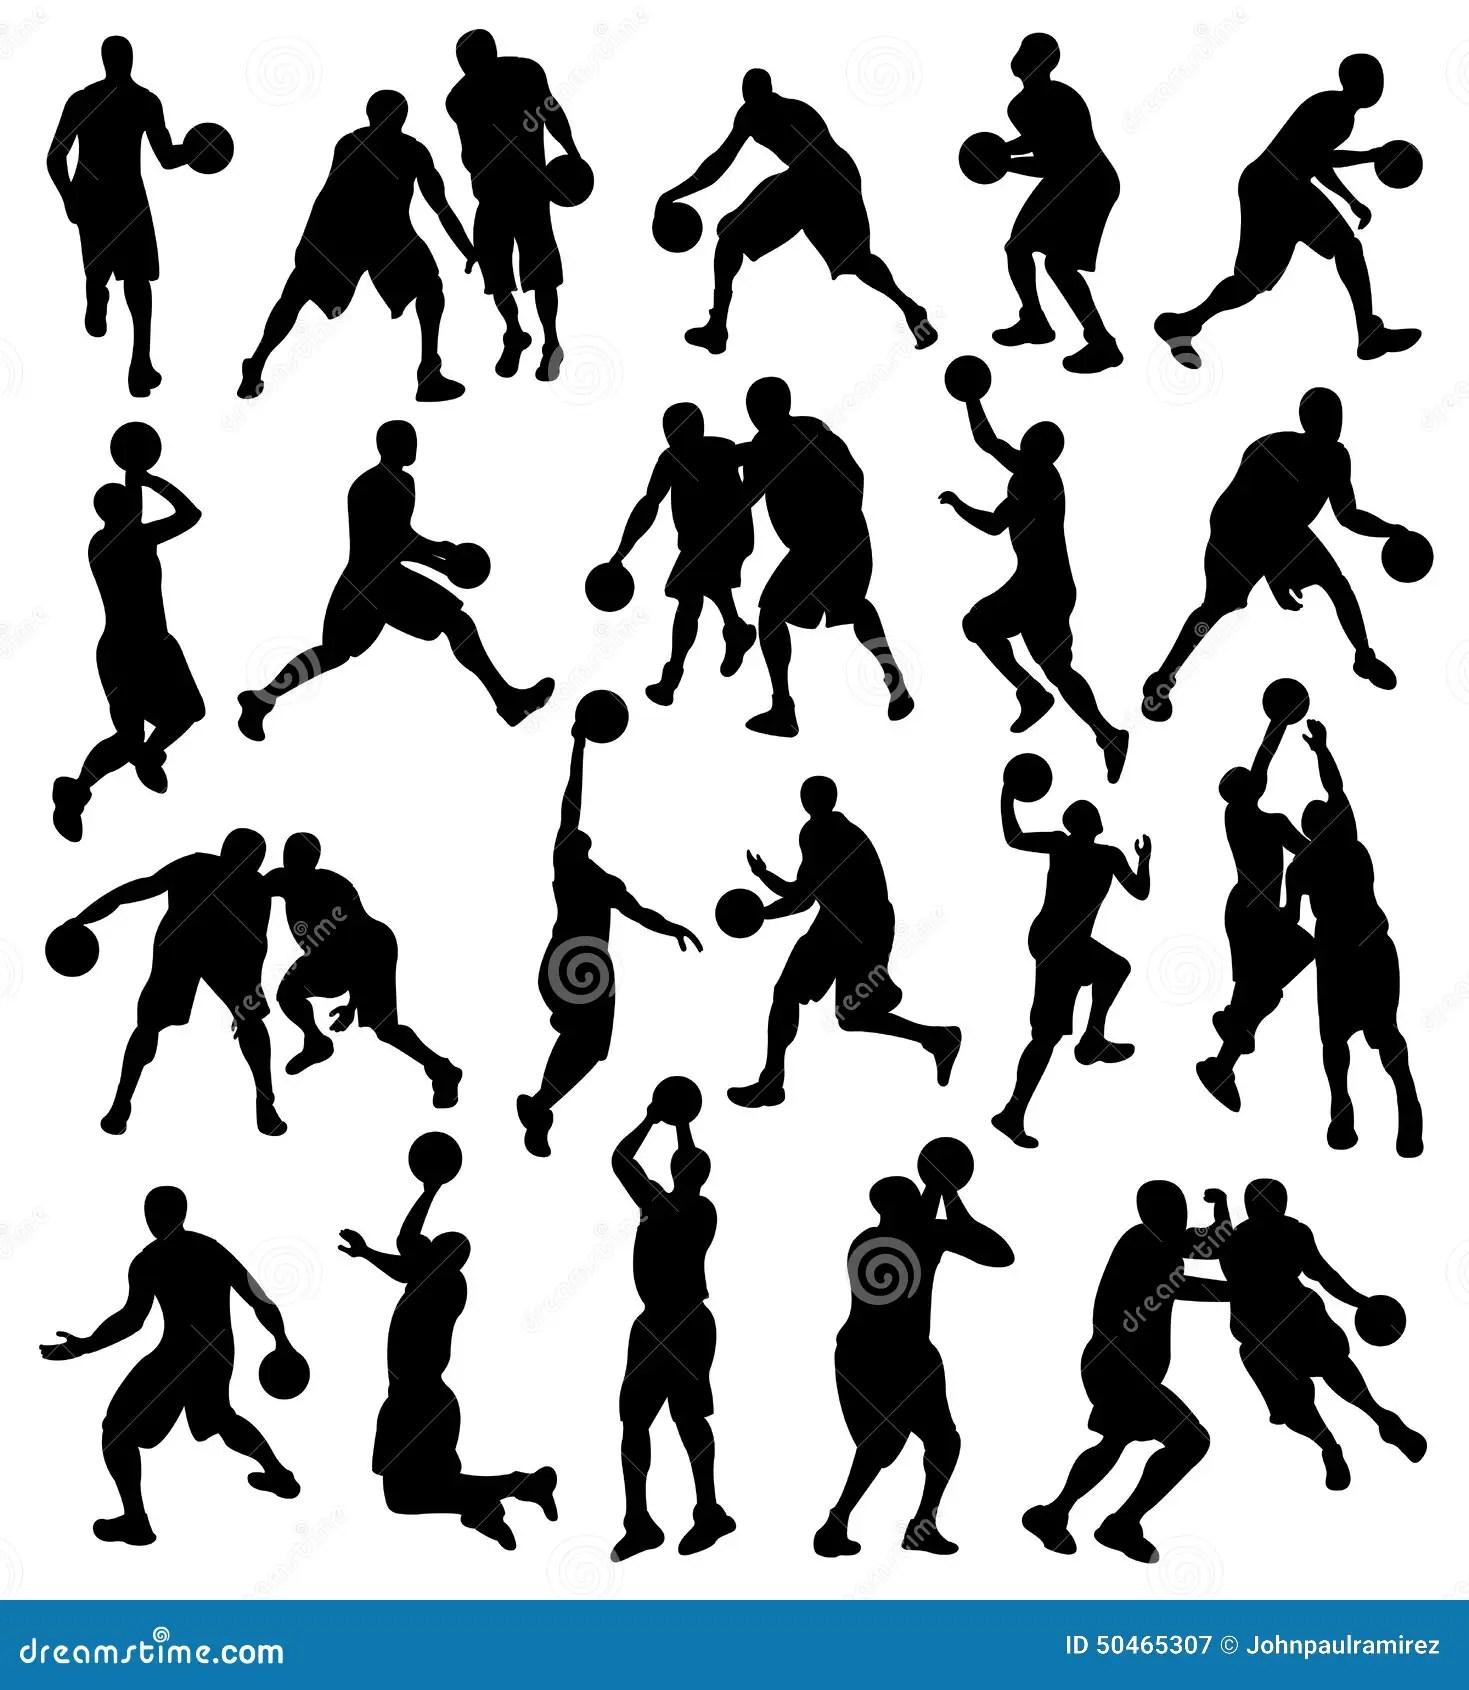 Basketball Sport Athlete Silhouette Stock Vector